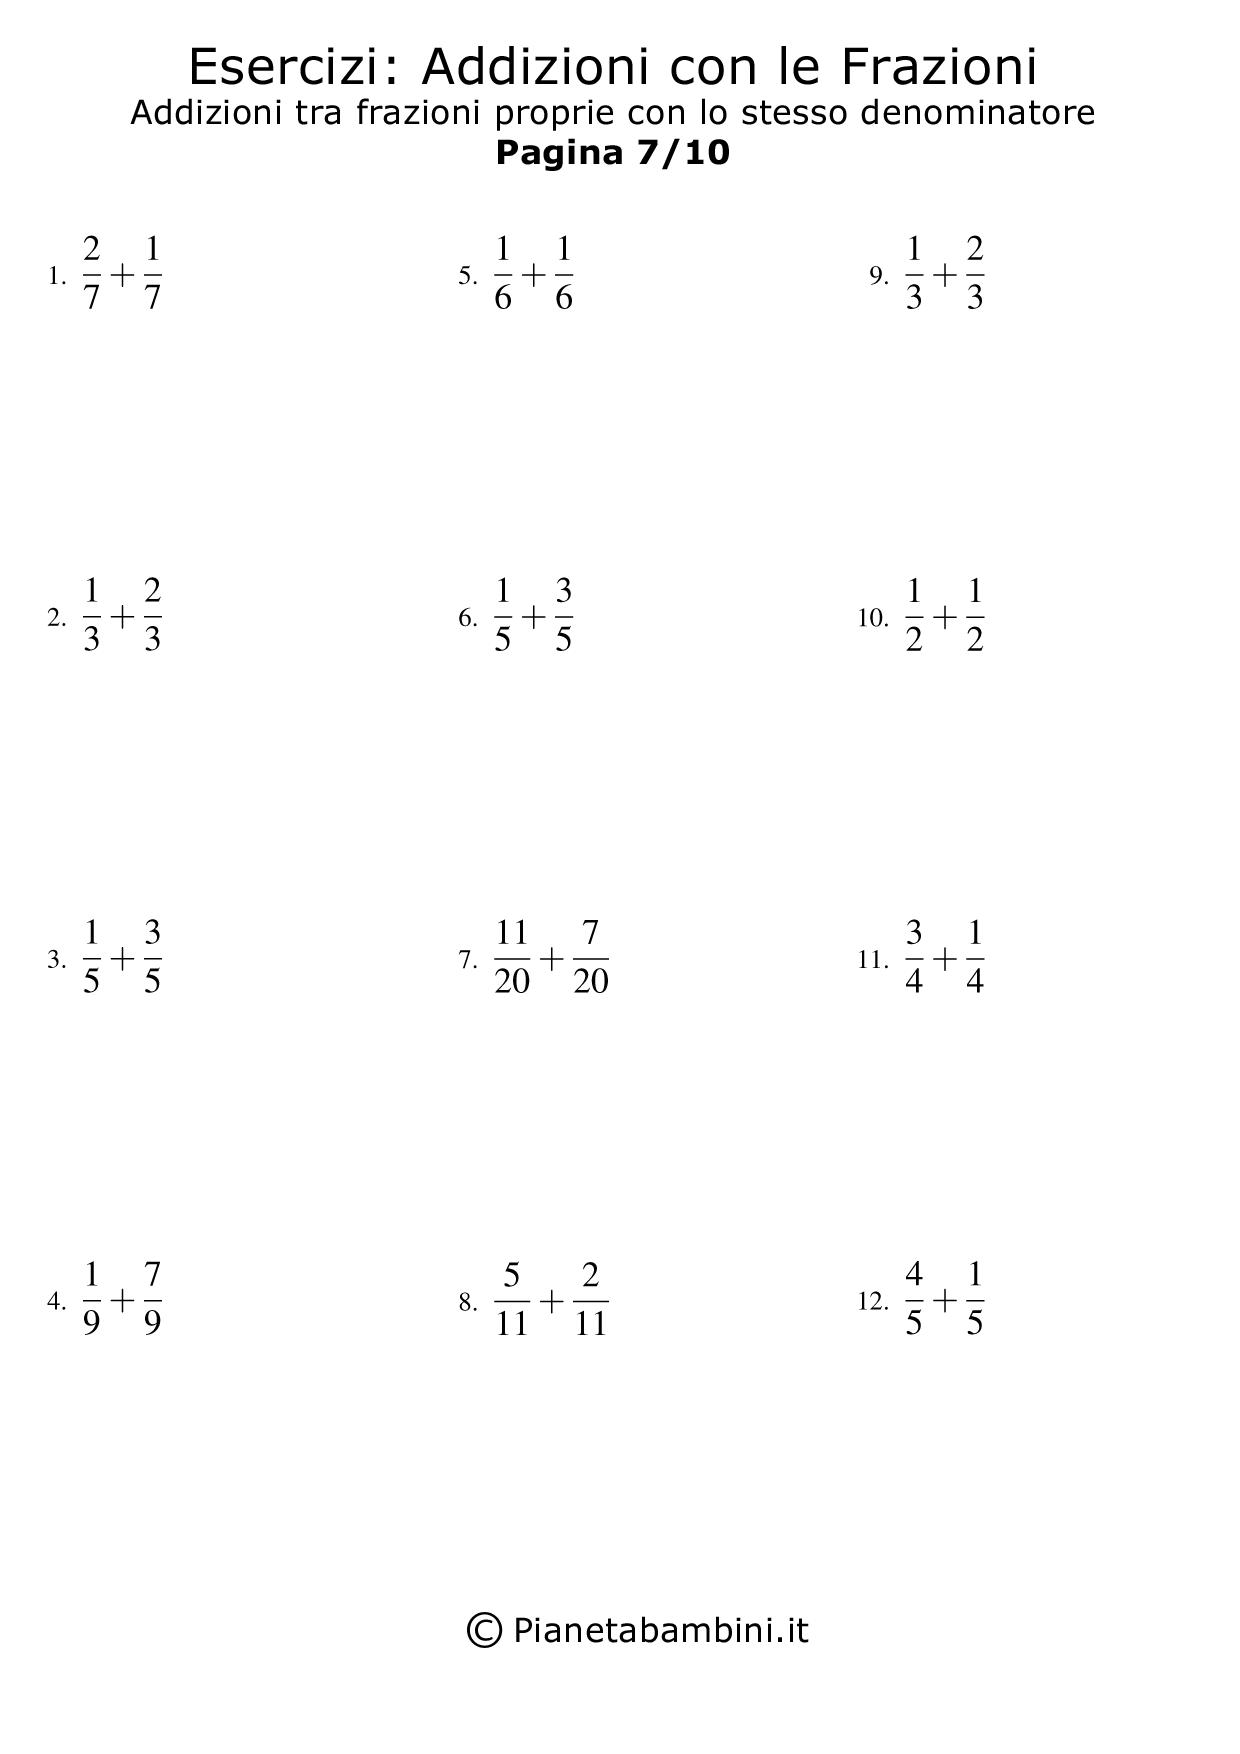 Addizioni-Frazioni-Stesso-Denominatore_07